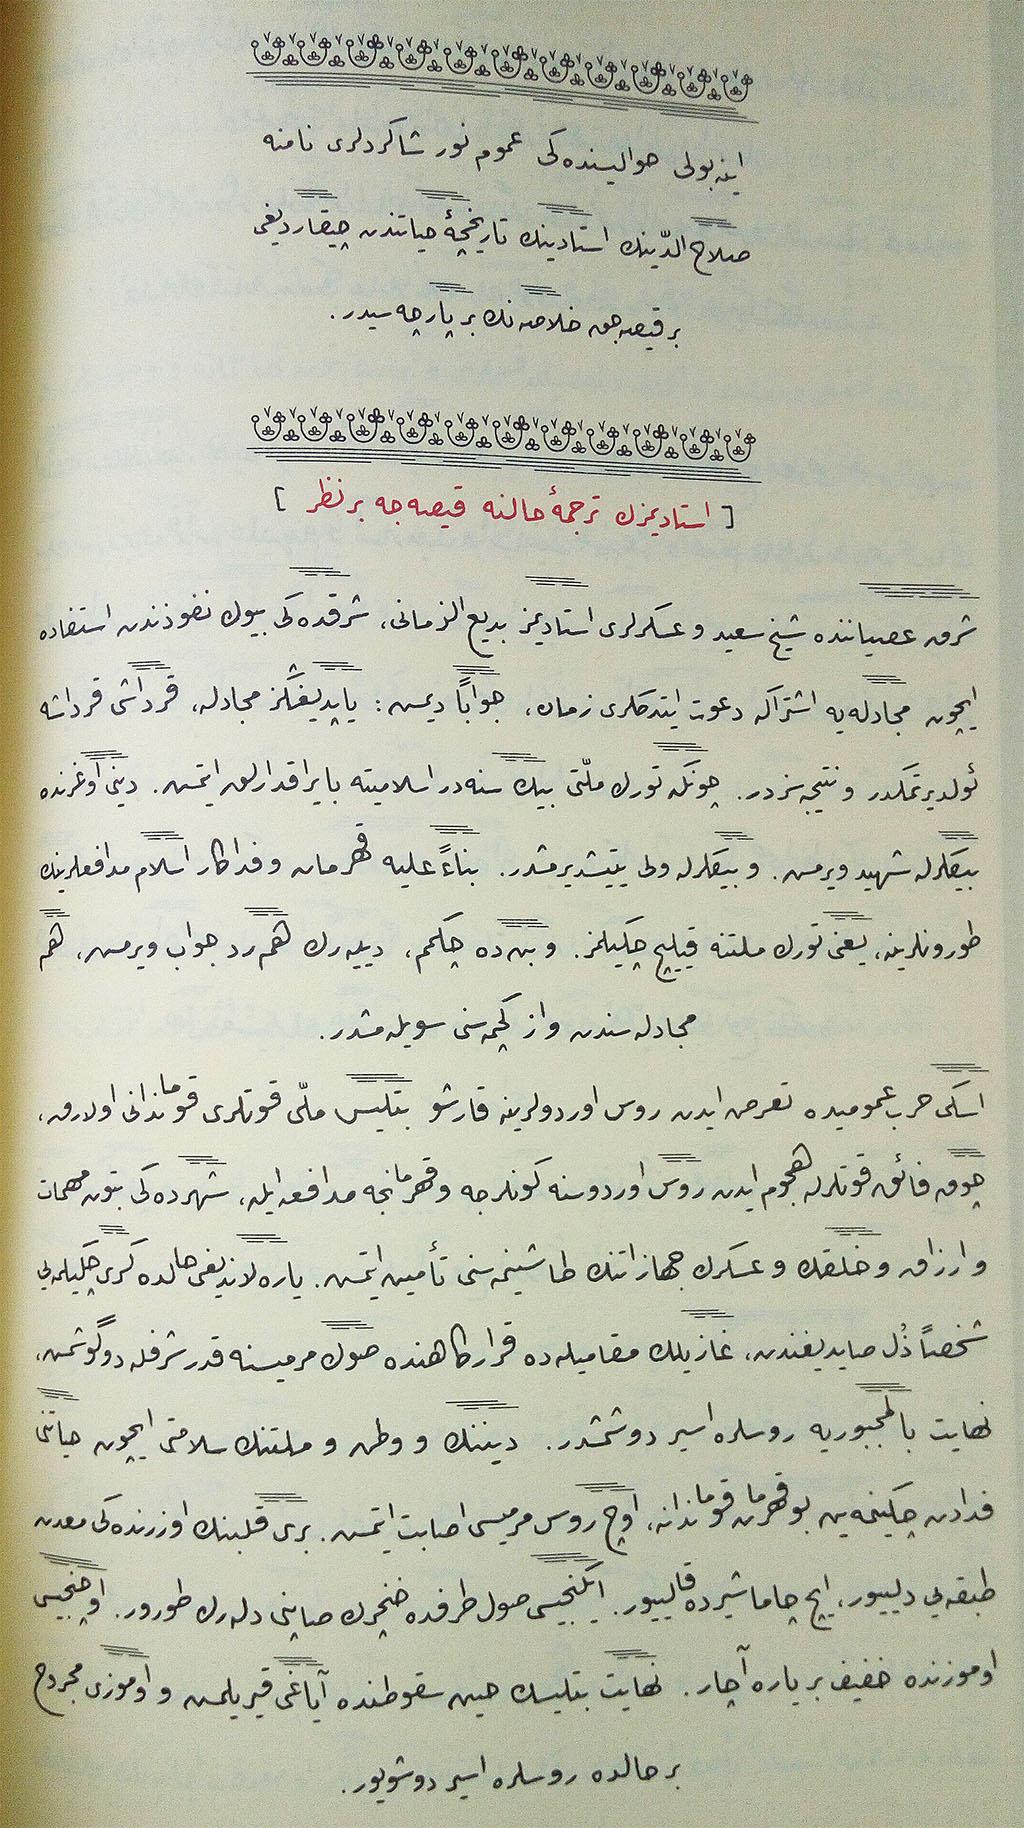 asa-yi-musa-marangoz-ahmetin-yazdigi-nusha,-hayrat-nesriyat---osmanlica-1.jpg